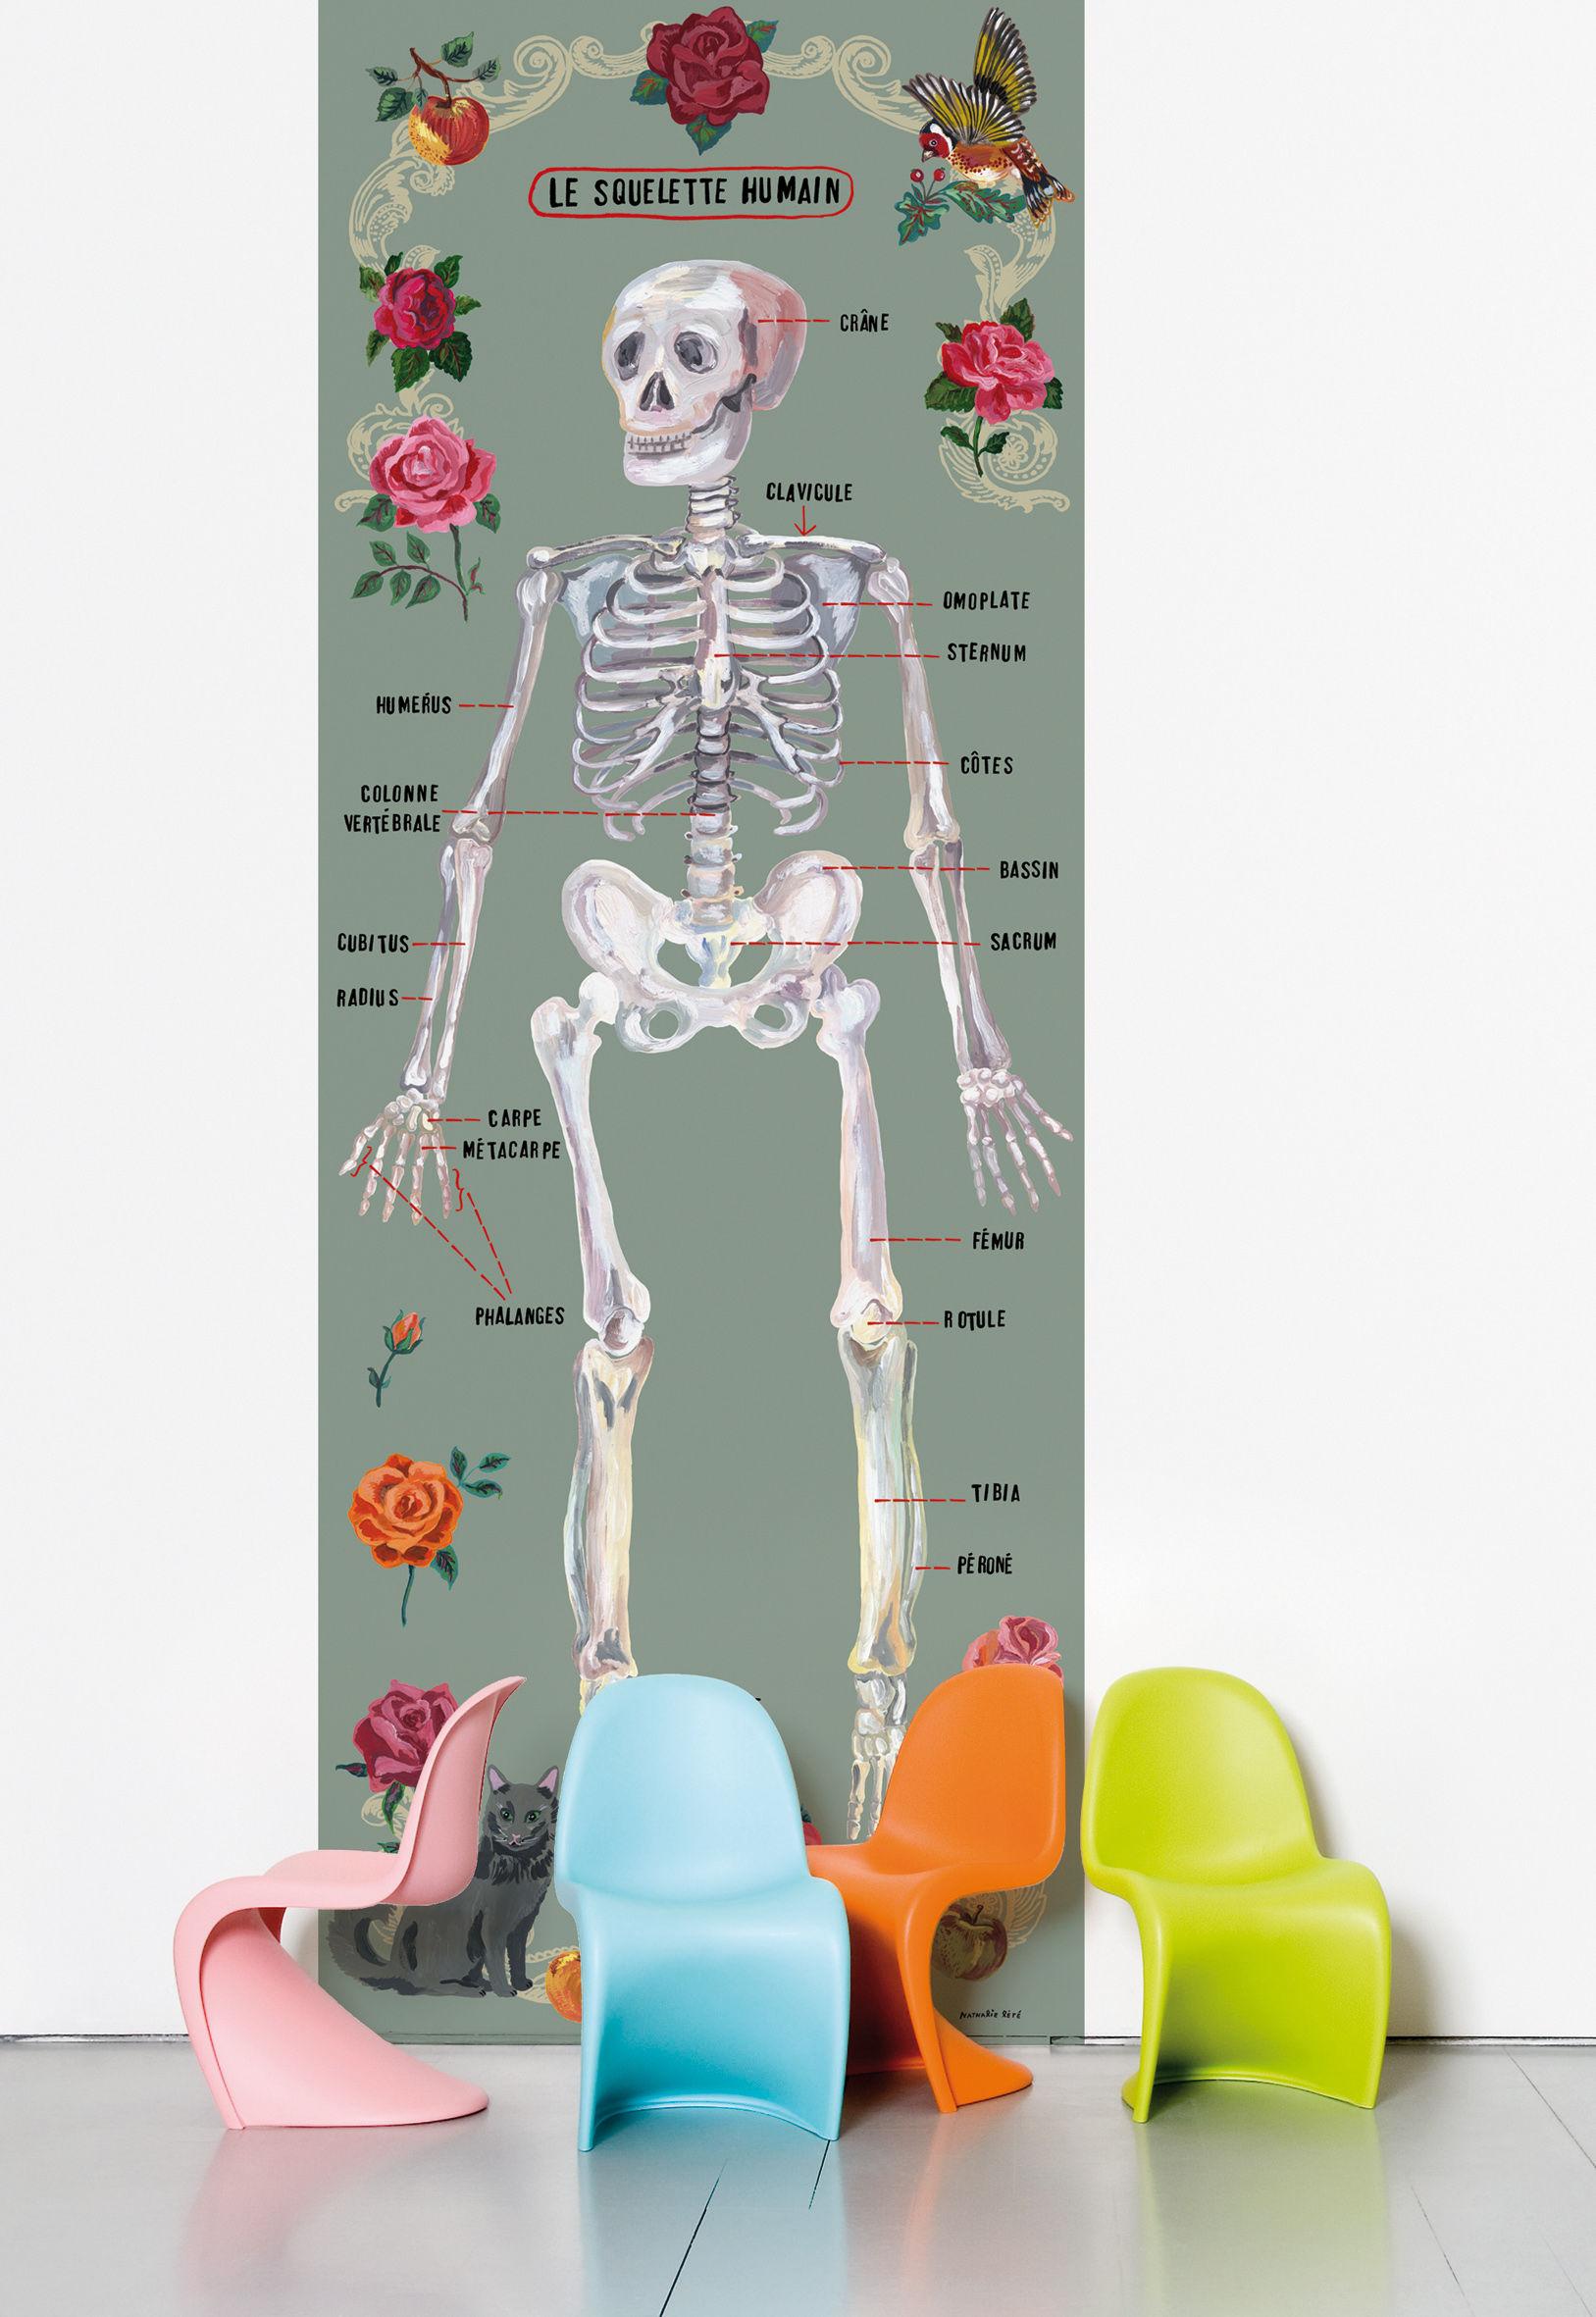 Interni - Sticker - Carta da parati Le squelette humain di Domestic - Multicolore - Scheletro - Tessuto non tessuto